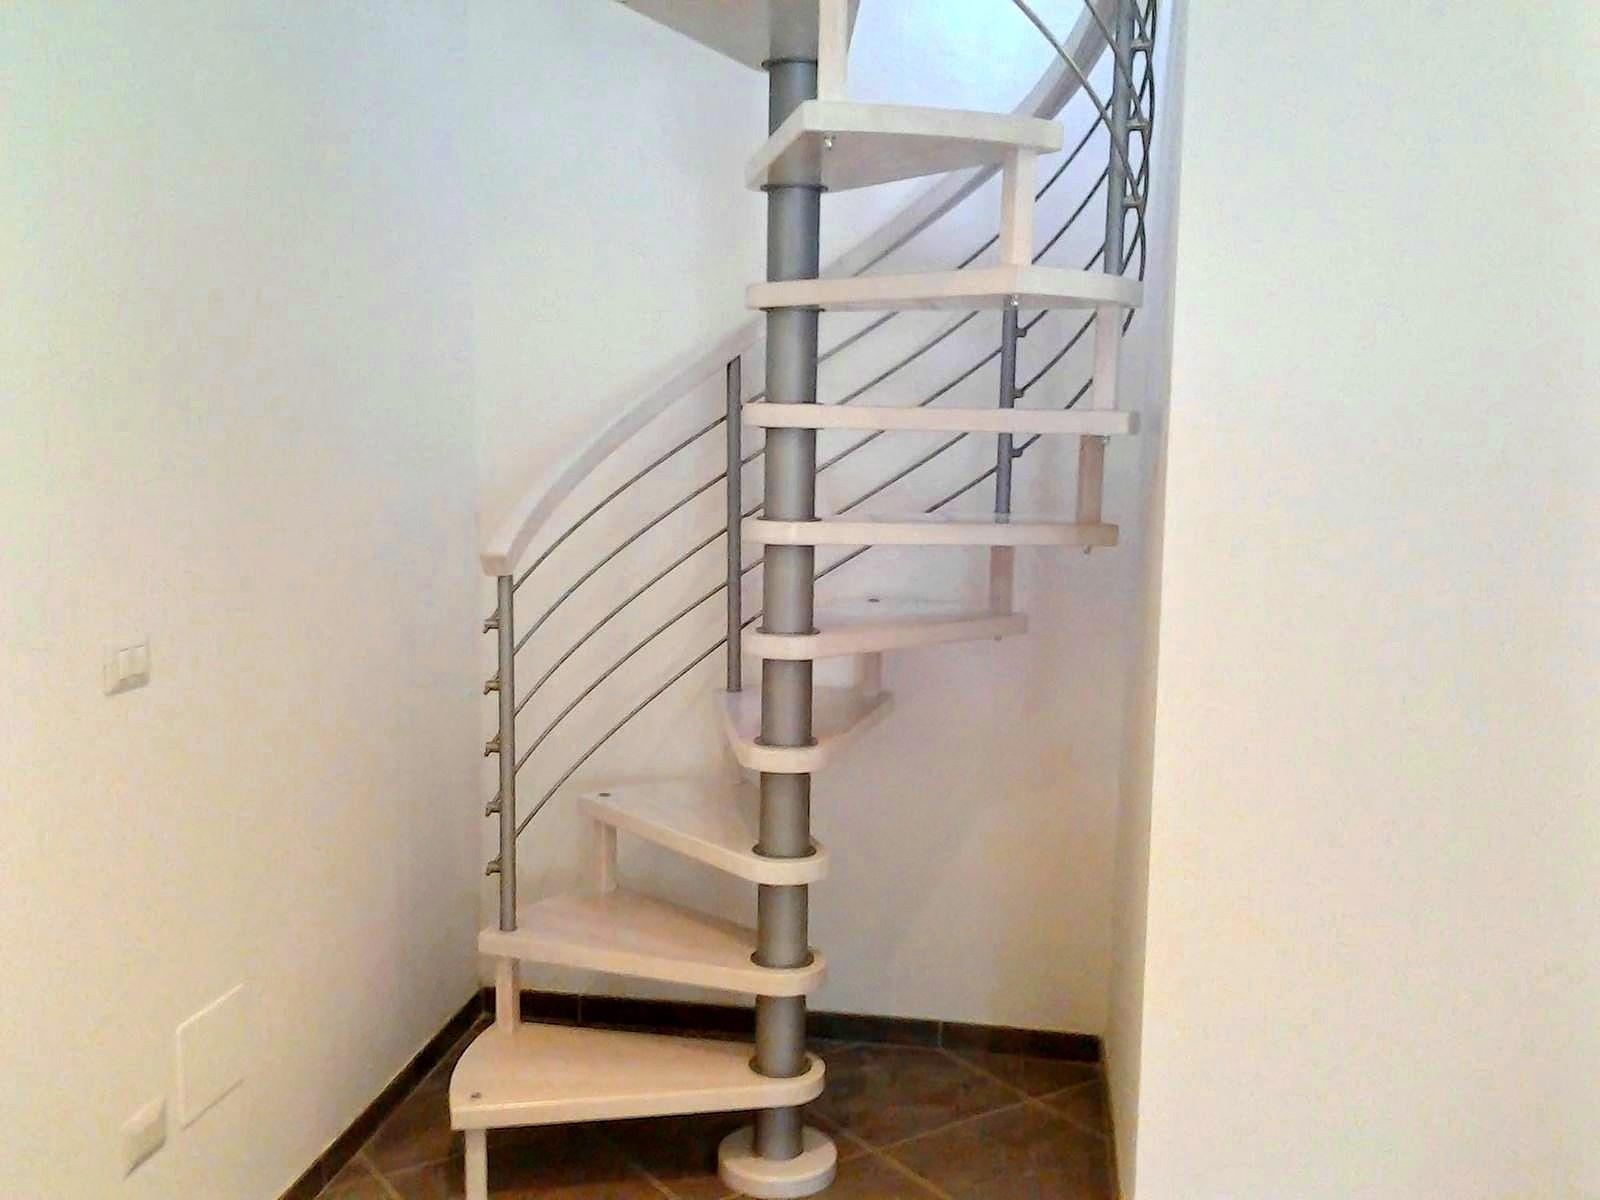 Progettazione Scale A Chiocciola : Scale a chiocciola u scale su misura u lecce u racale u progetto casa